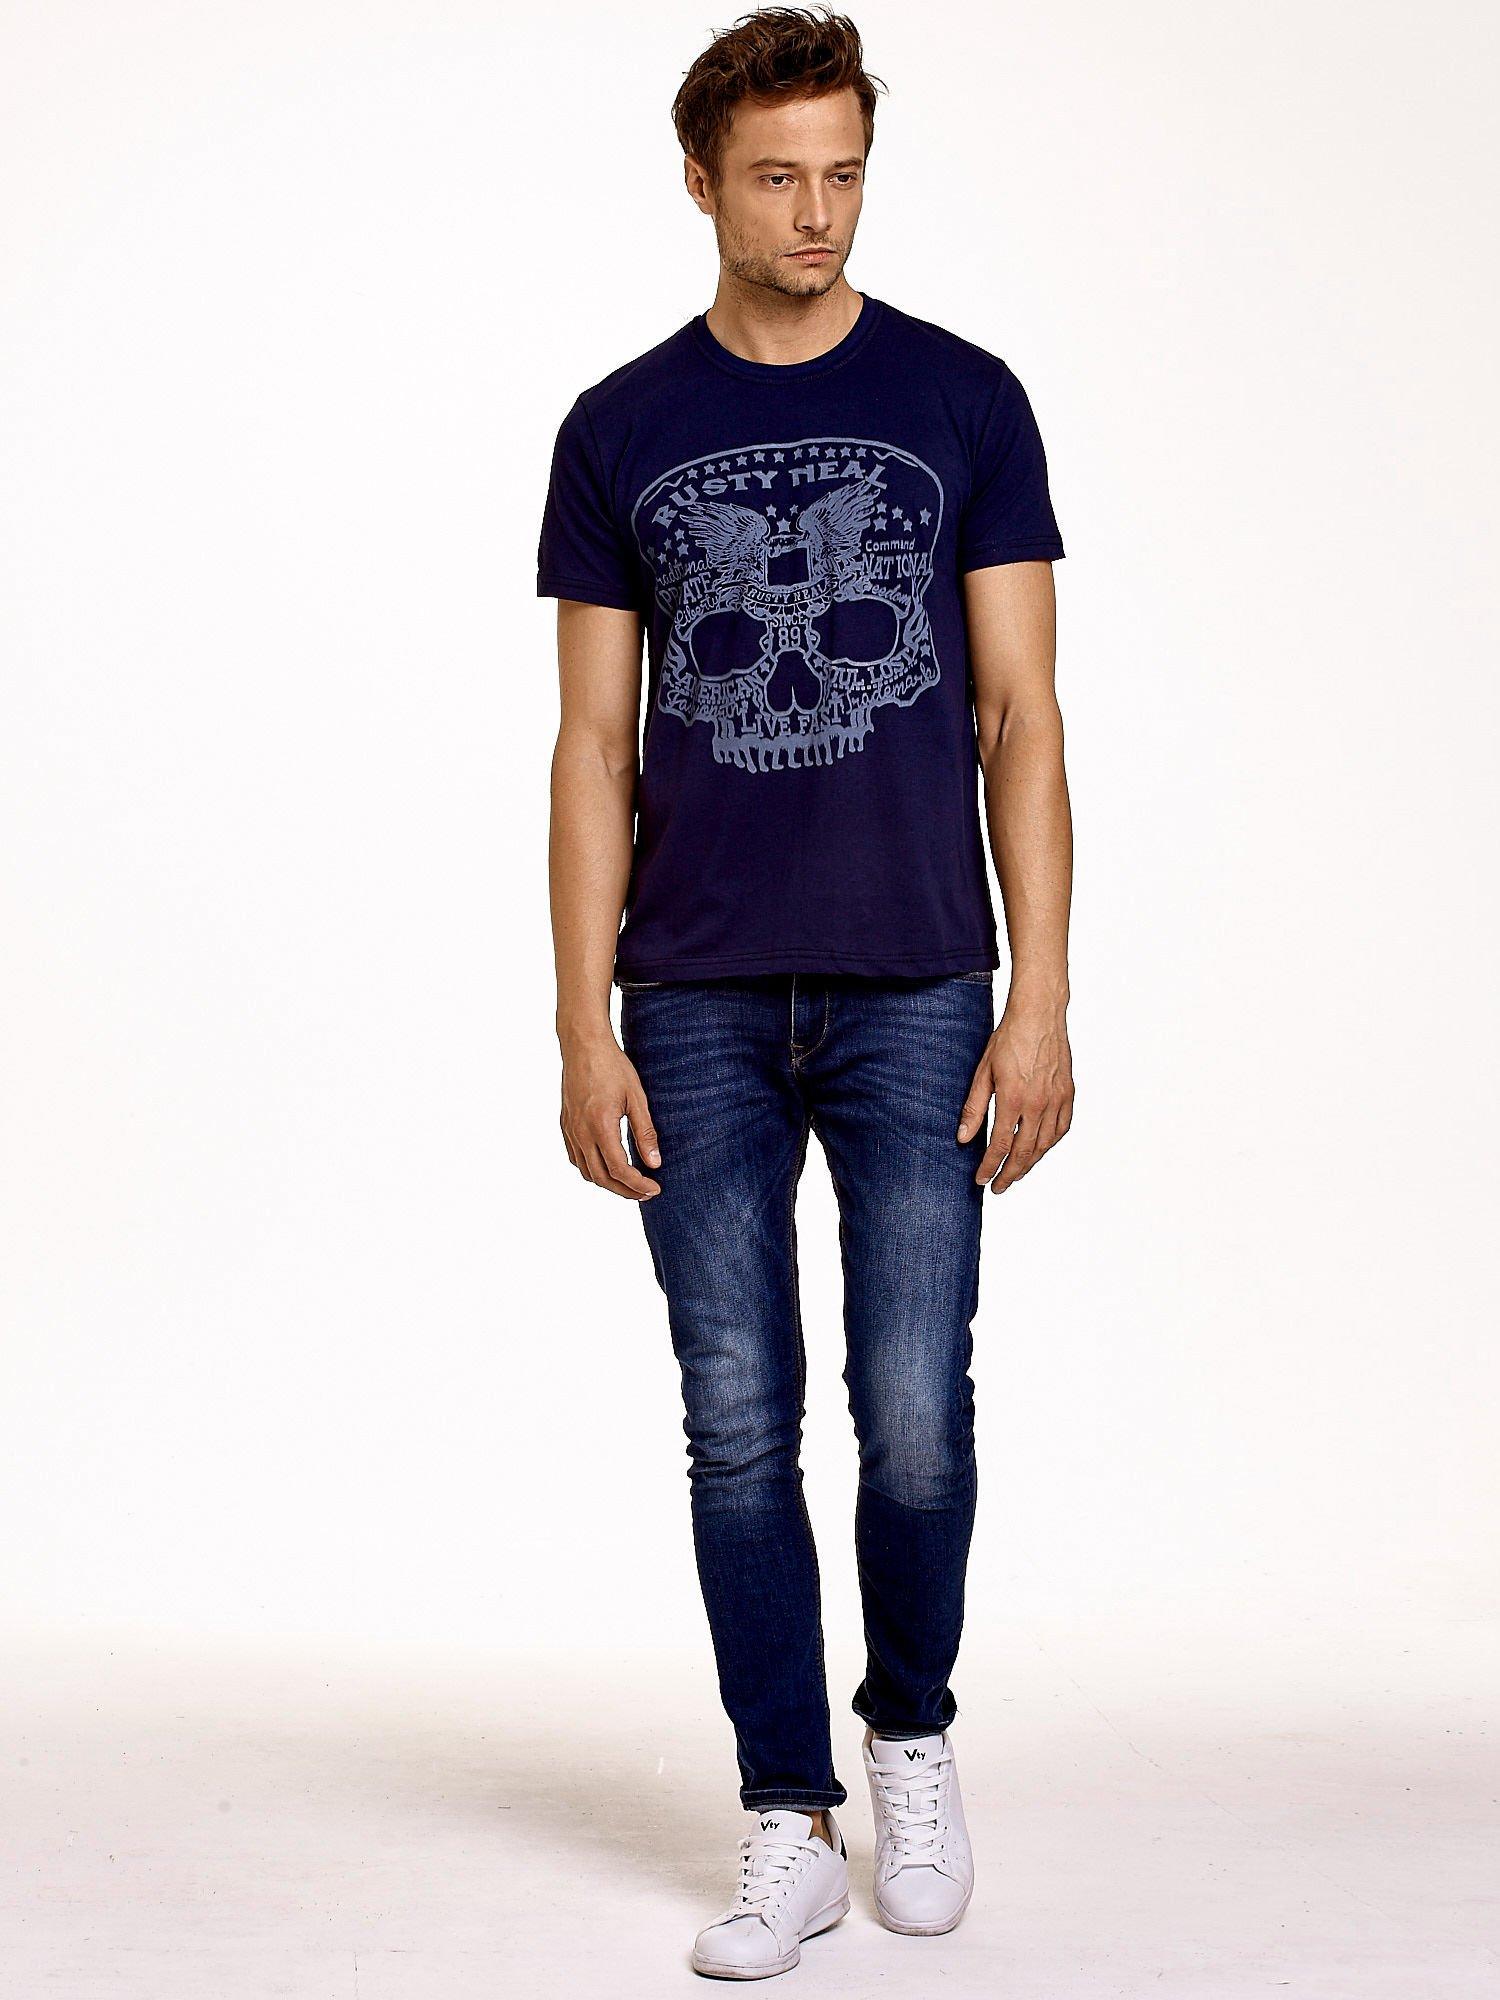 Granatowy t-shirt męski z nadrukiem czaszki i napisami                                  zdj.                                  2